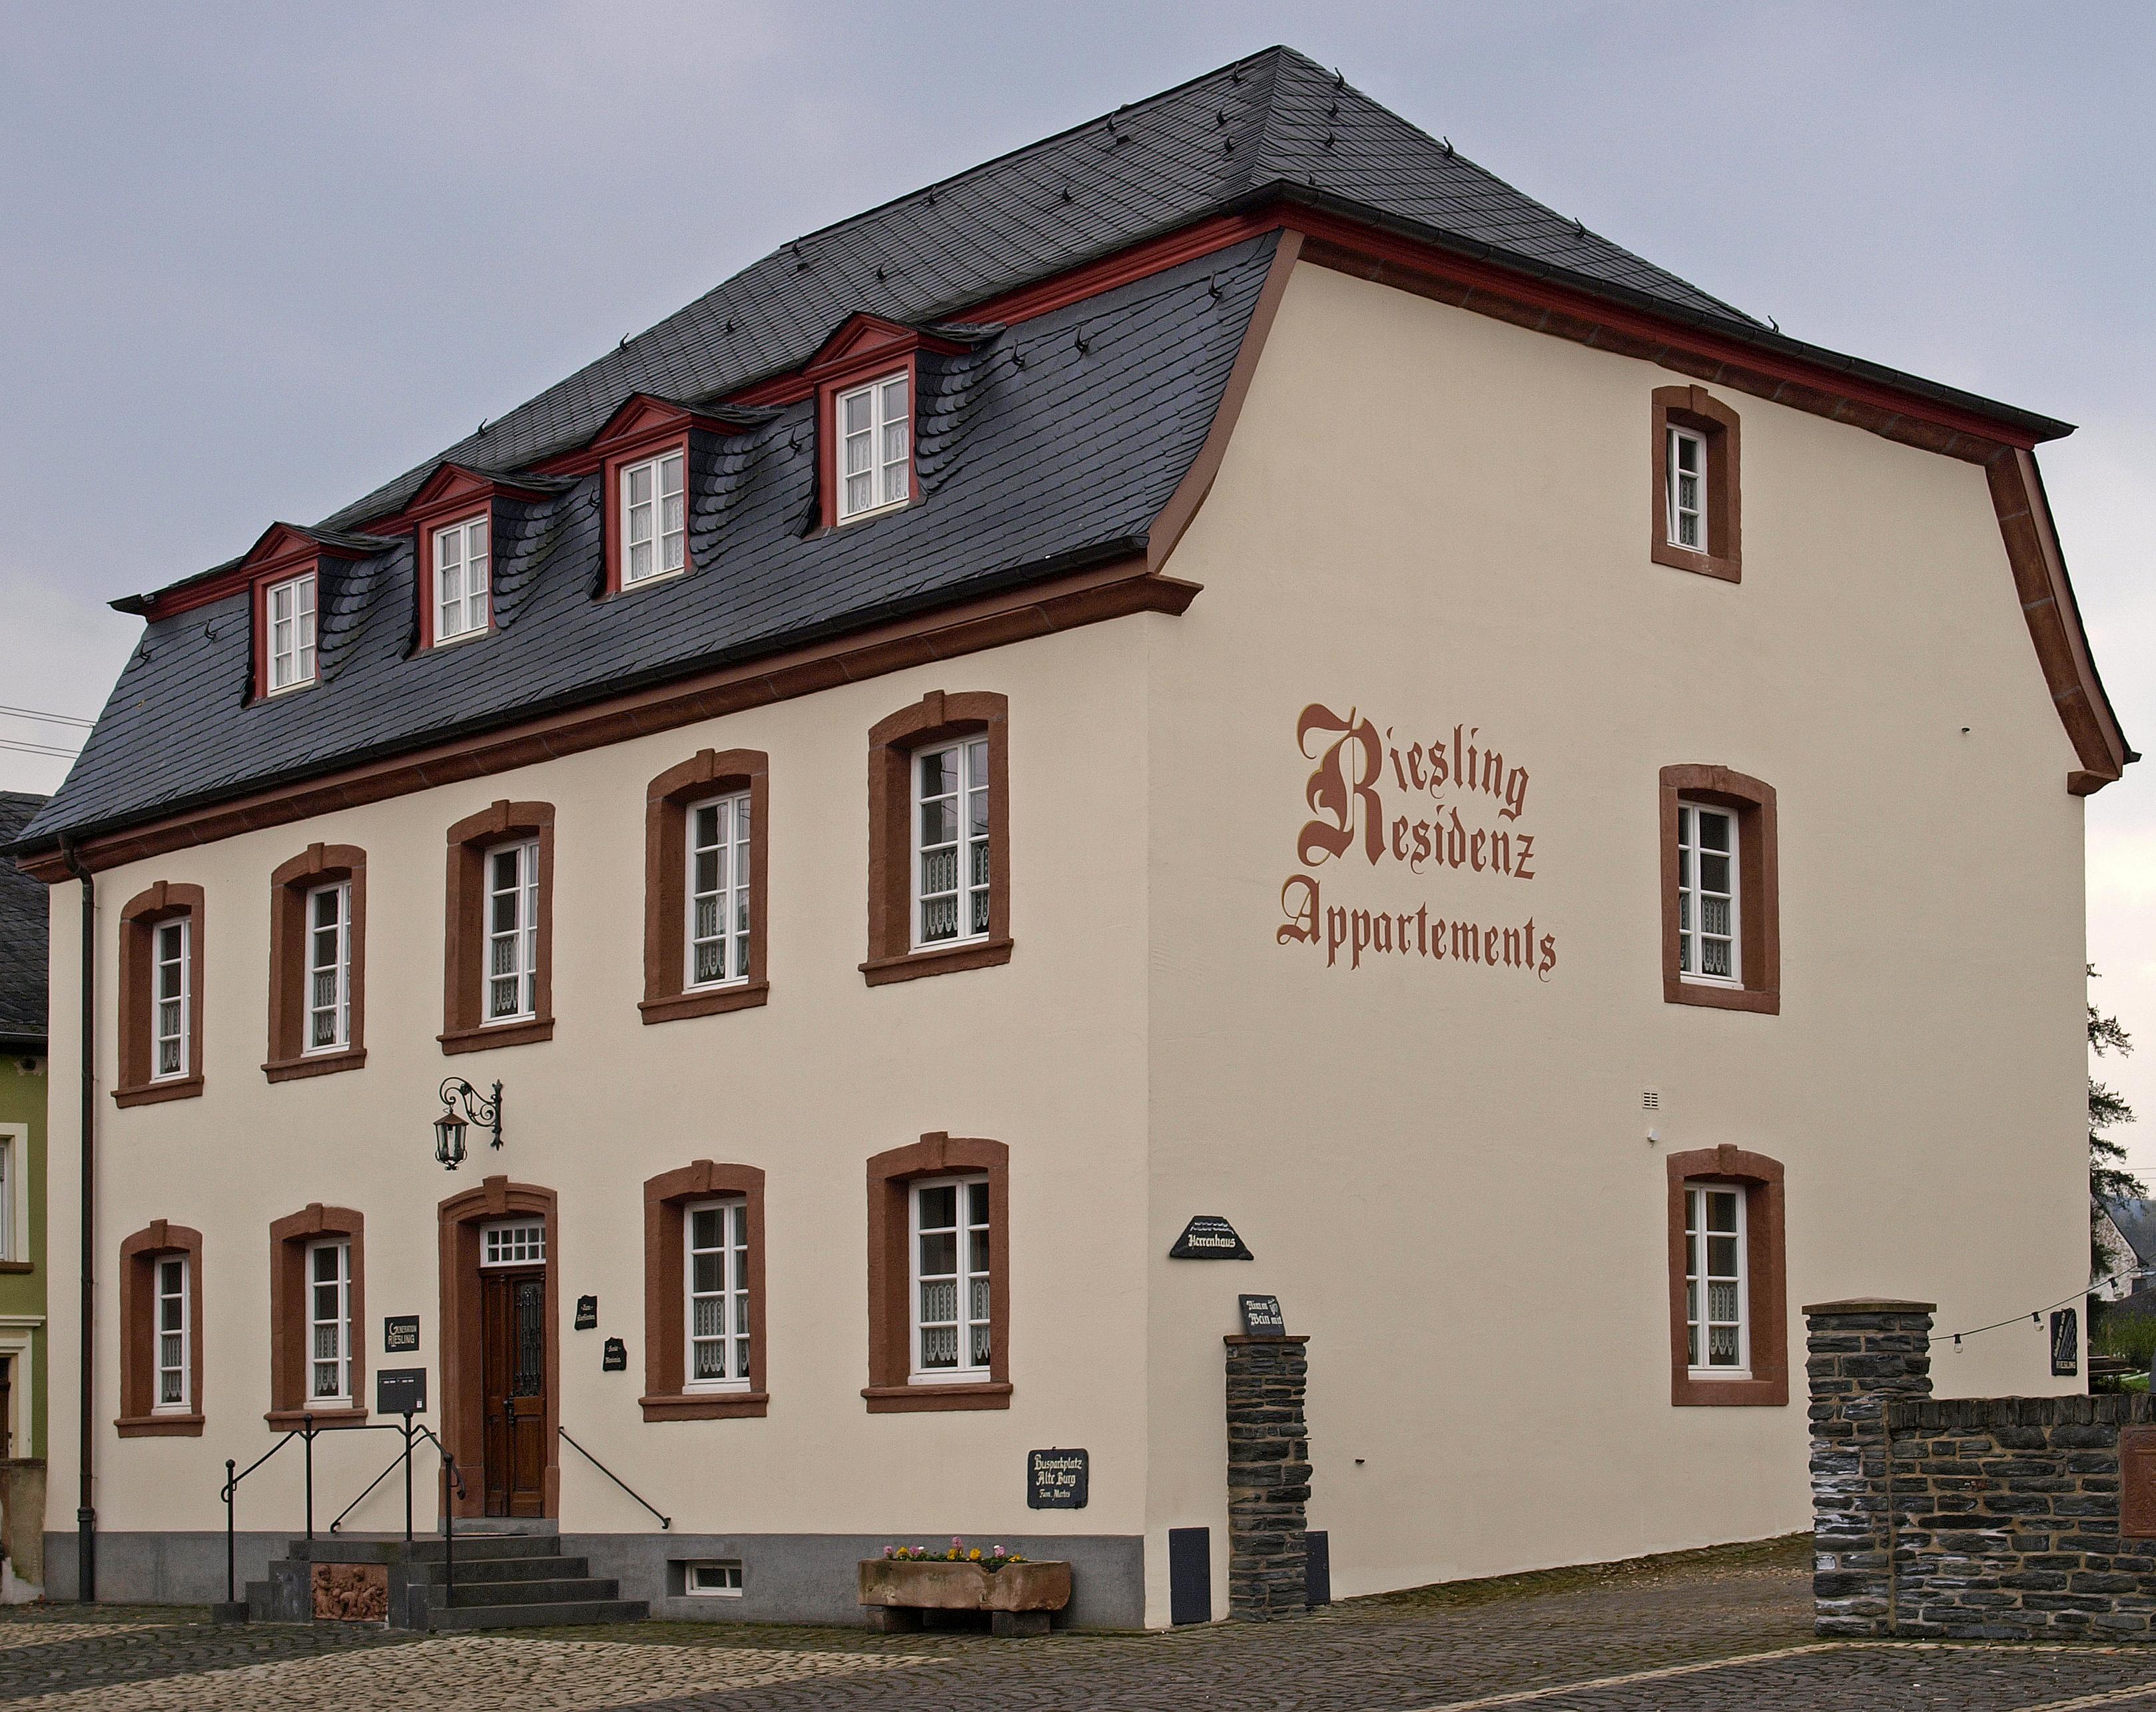 Alte Burg Longuich In Longuich Branchenbuch Deutschland